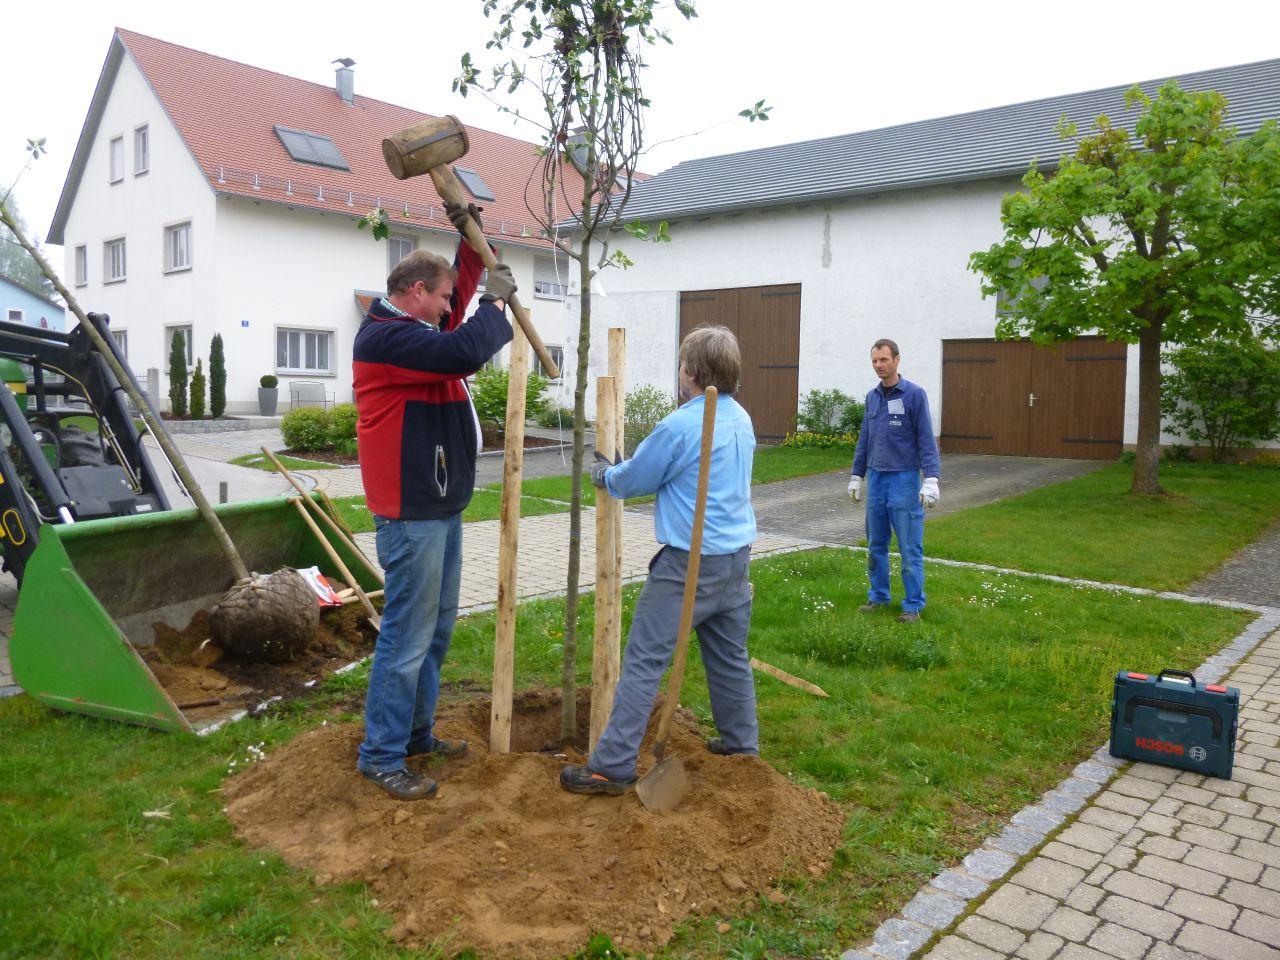 karlsgrabenverein_14